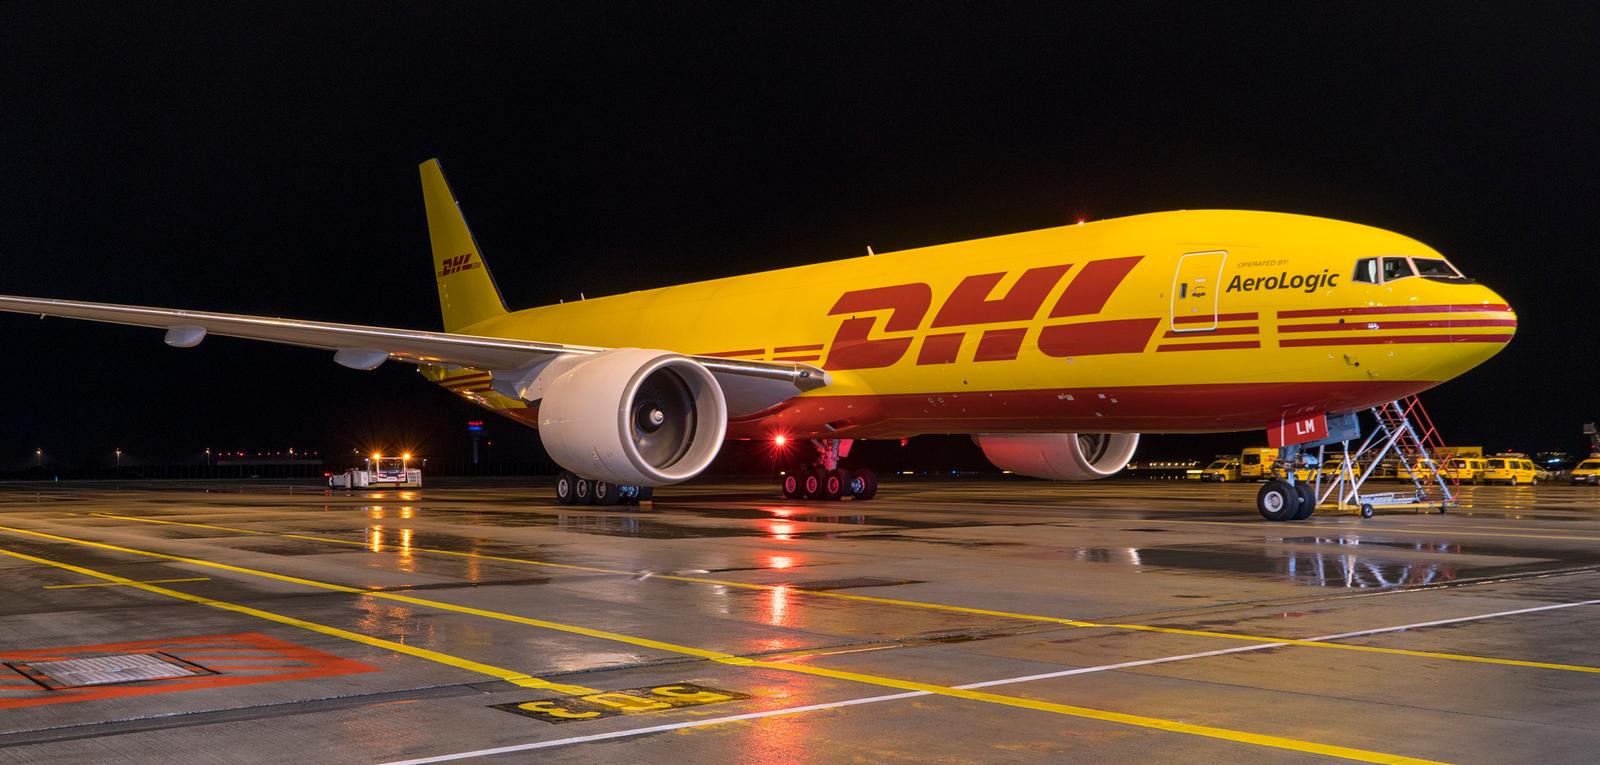 DHL är ett av de fraktbolag som Shiplink samarbetar med. Det är enkelt att skicka paket med DHL genom vår frakttjänst. Du får ett fast pris på din försändelse. Vi sköter allt det praktiska så att du får tid över till annat!